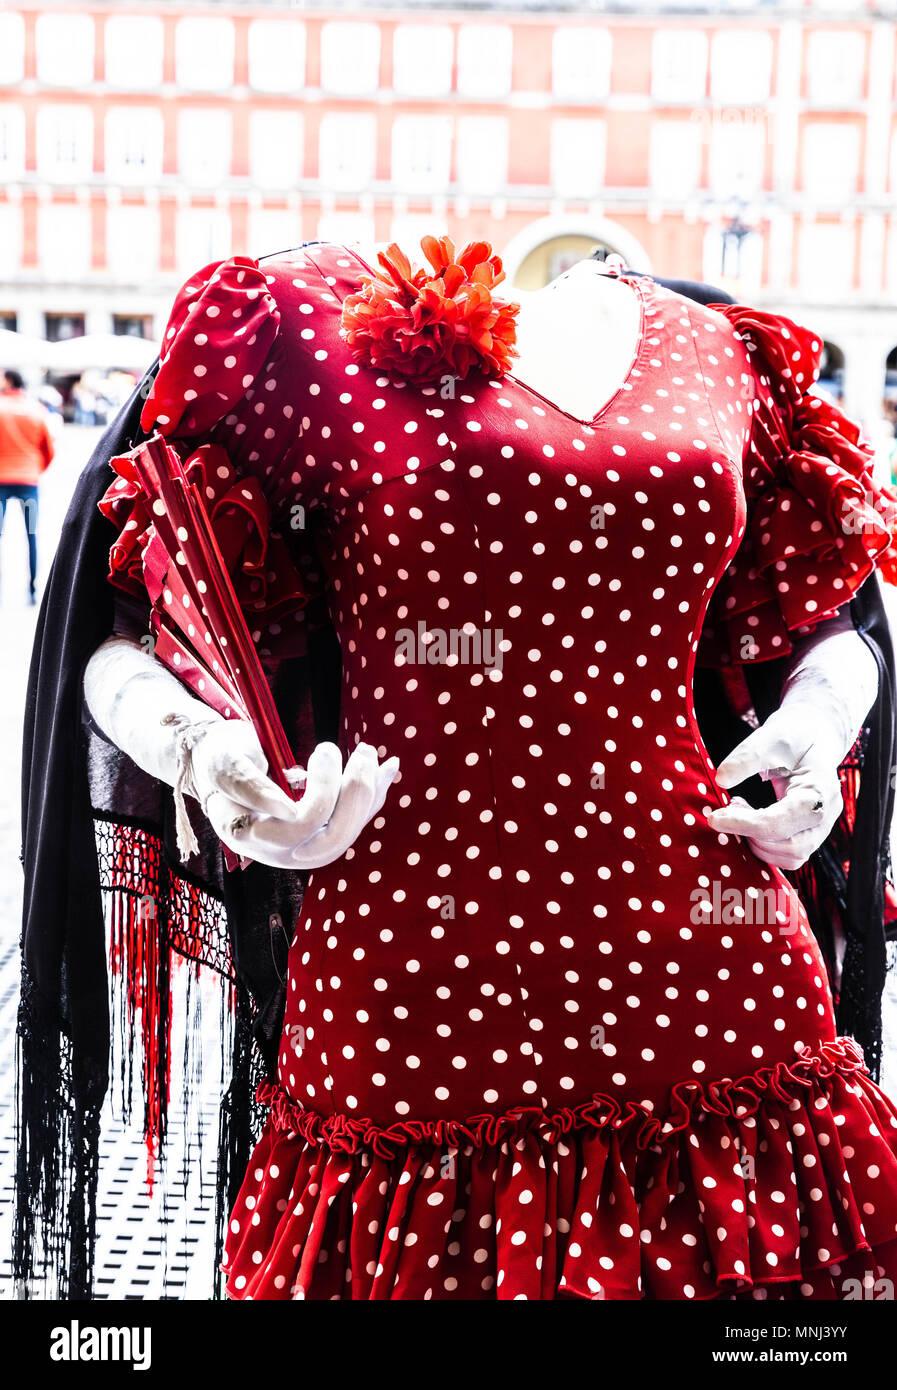 Maniqui femenino decapitado, vistiendo un traje de flamenca de lunares rojos, Madrid, España. Imagen De Stock